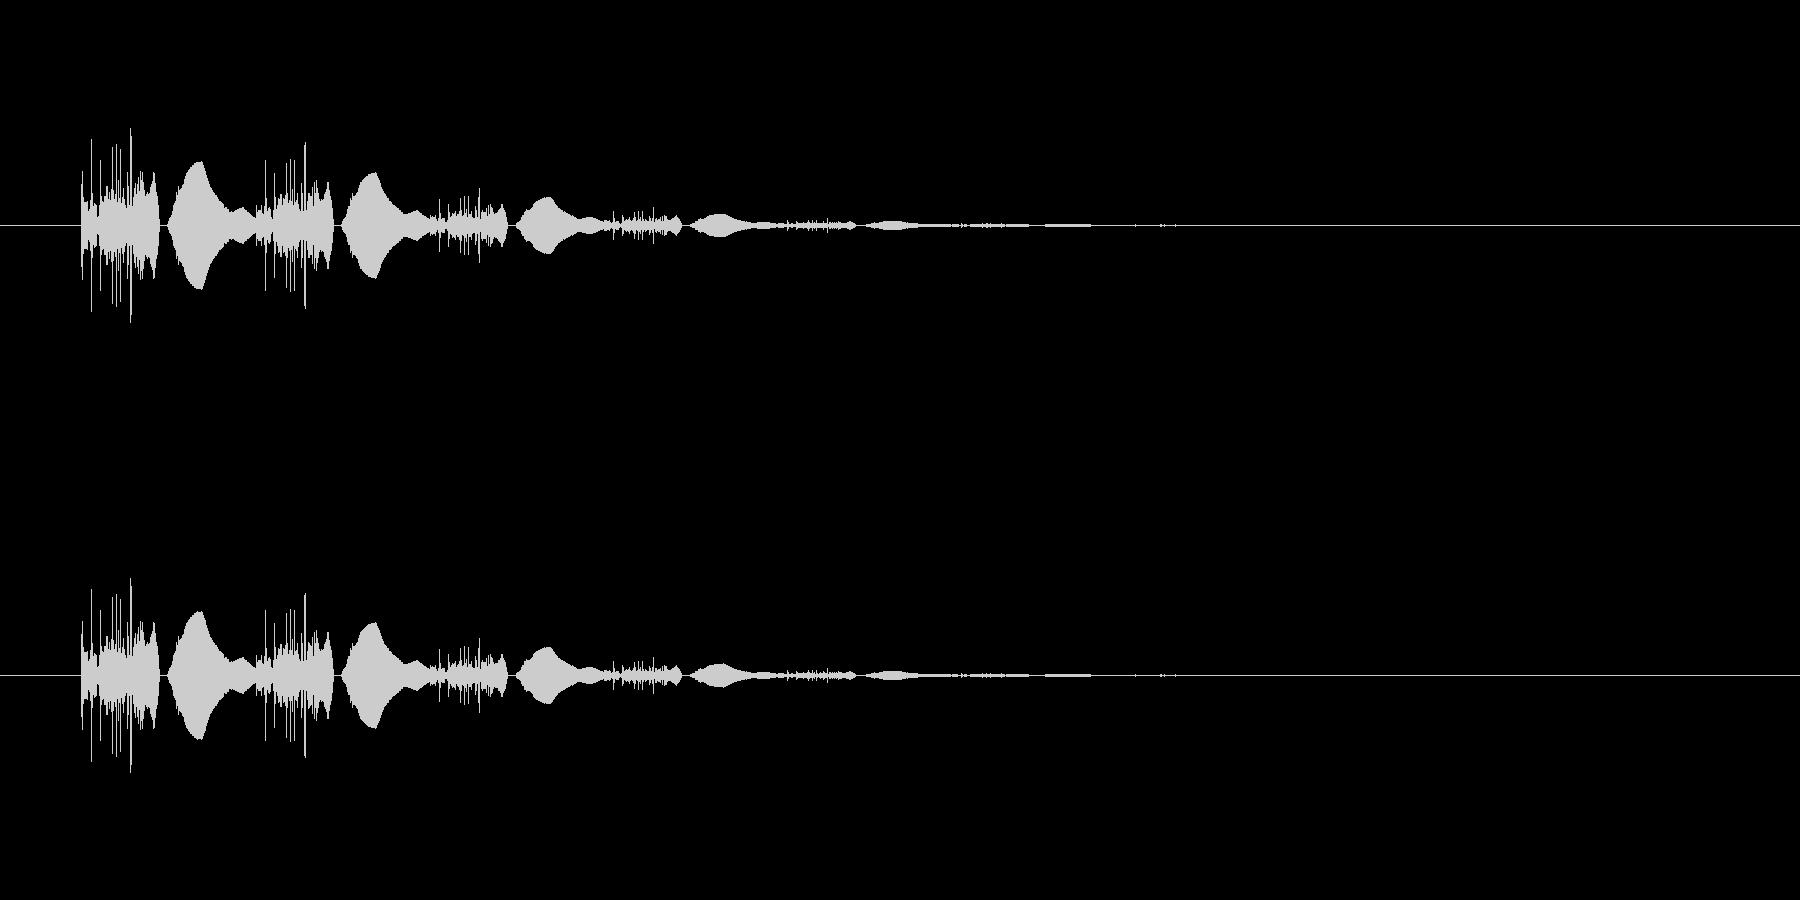 【ポップモーション36-3】の未再生の波形